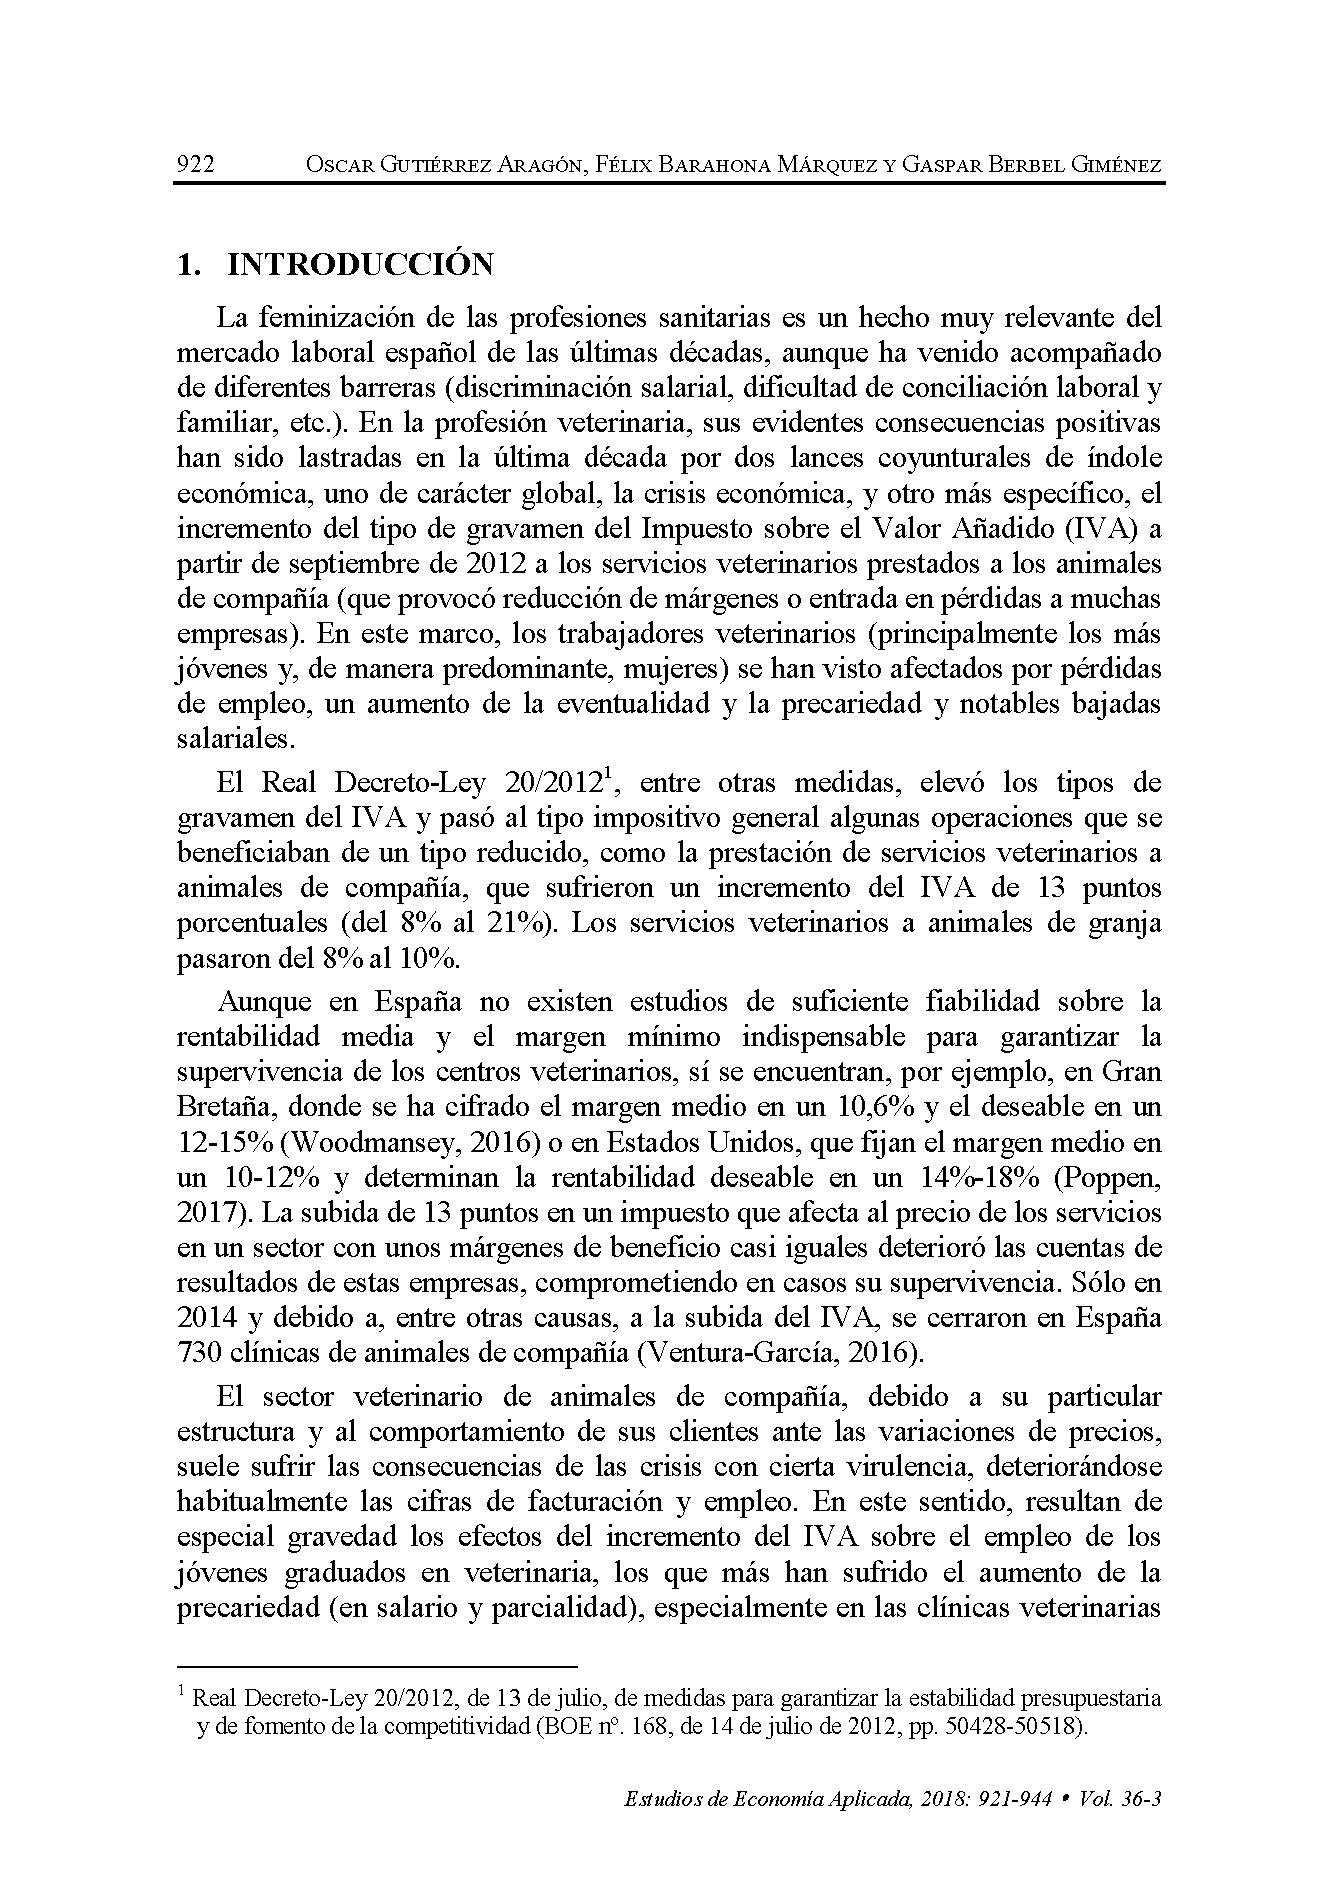 Efectos incremento IVA sobre condiciones laborales sector veterinario (EEA)_Página_02